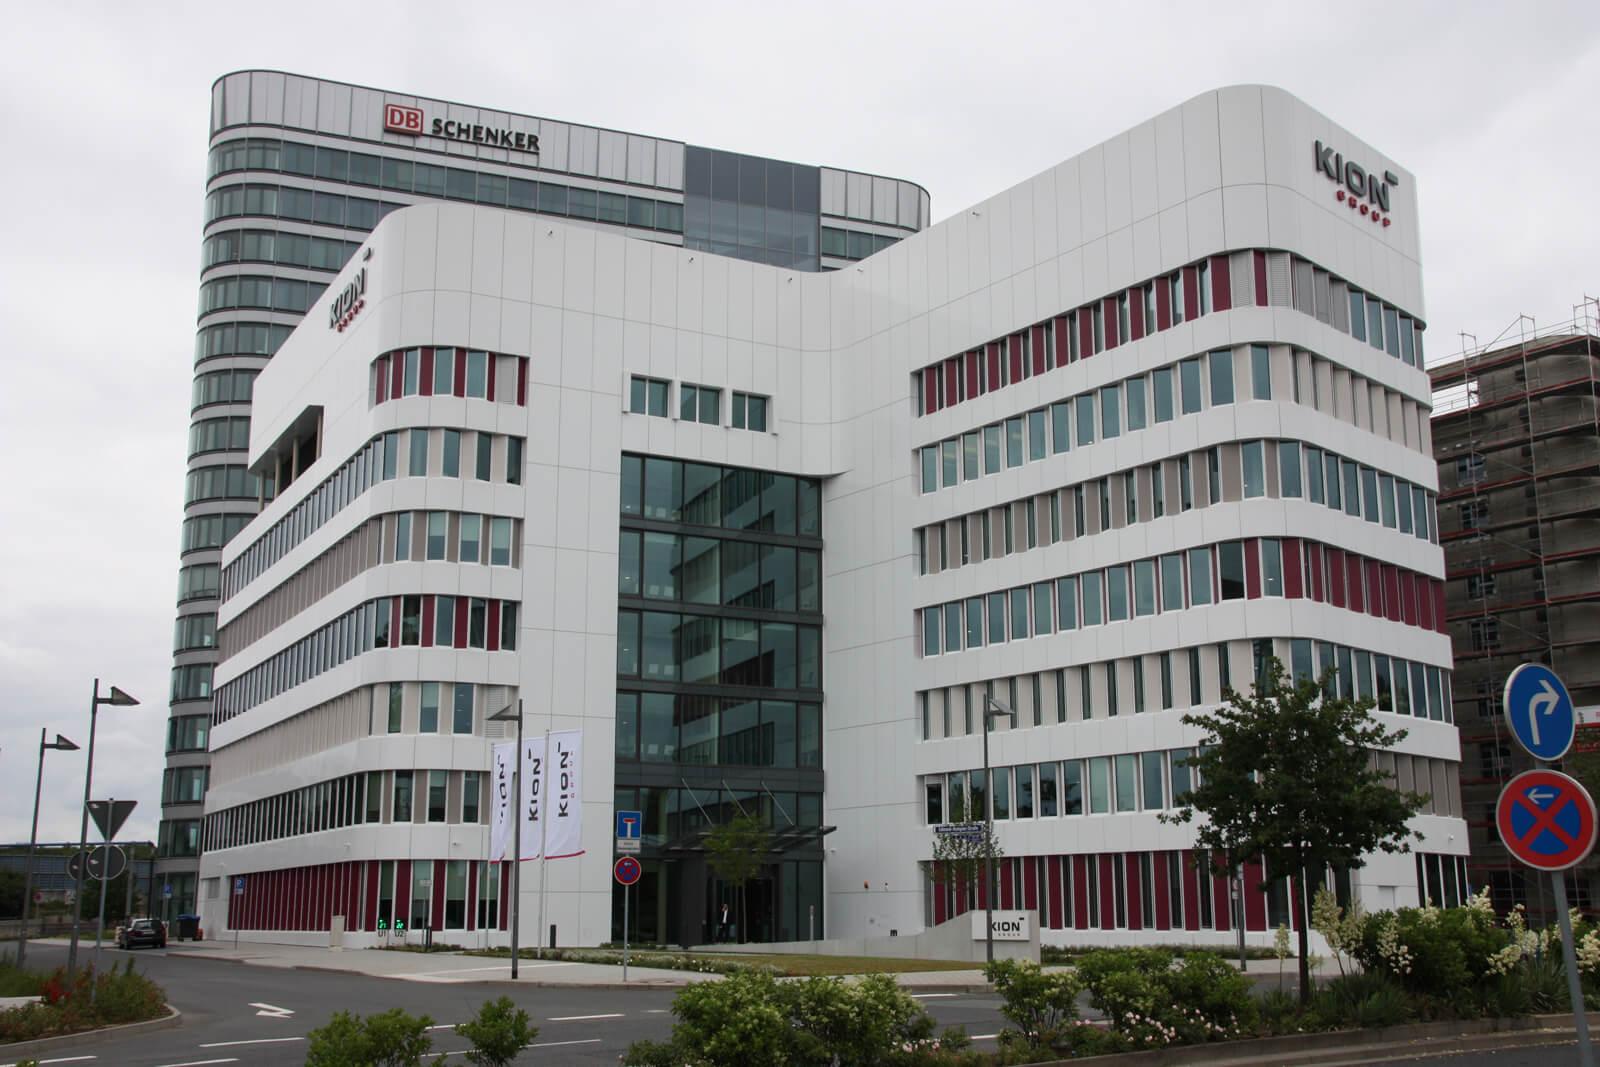 Kion Headquarter, Gateway Gardens FFM